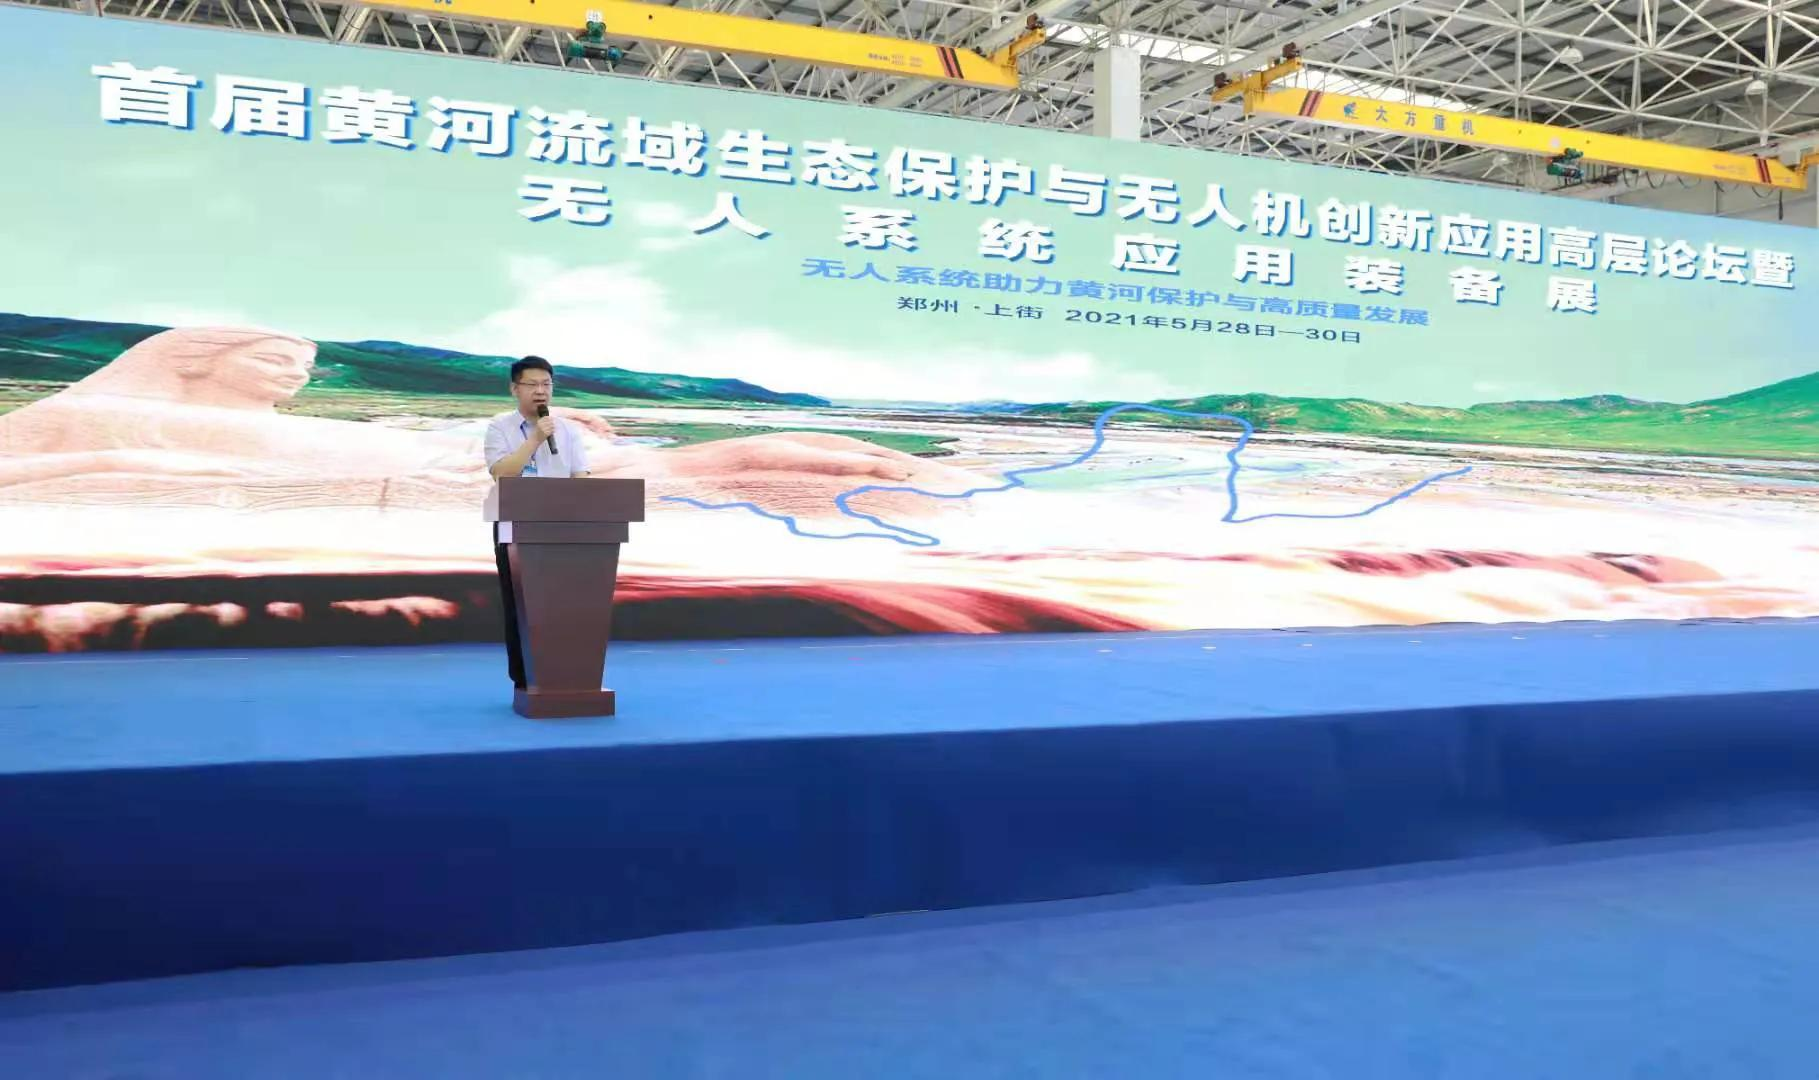 无人机创新应用高层论坛暨无人系统应用装备展在郑州上街隆重开幕